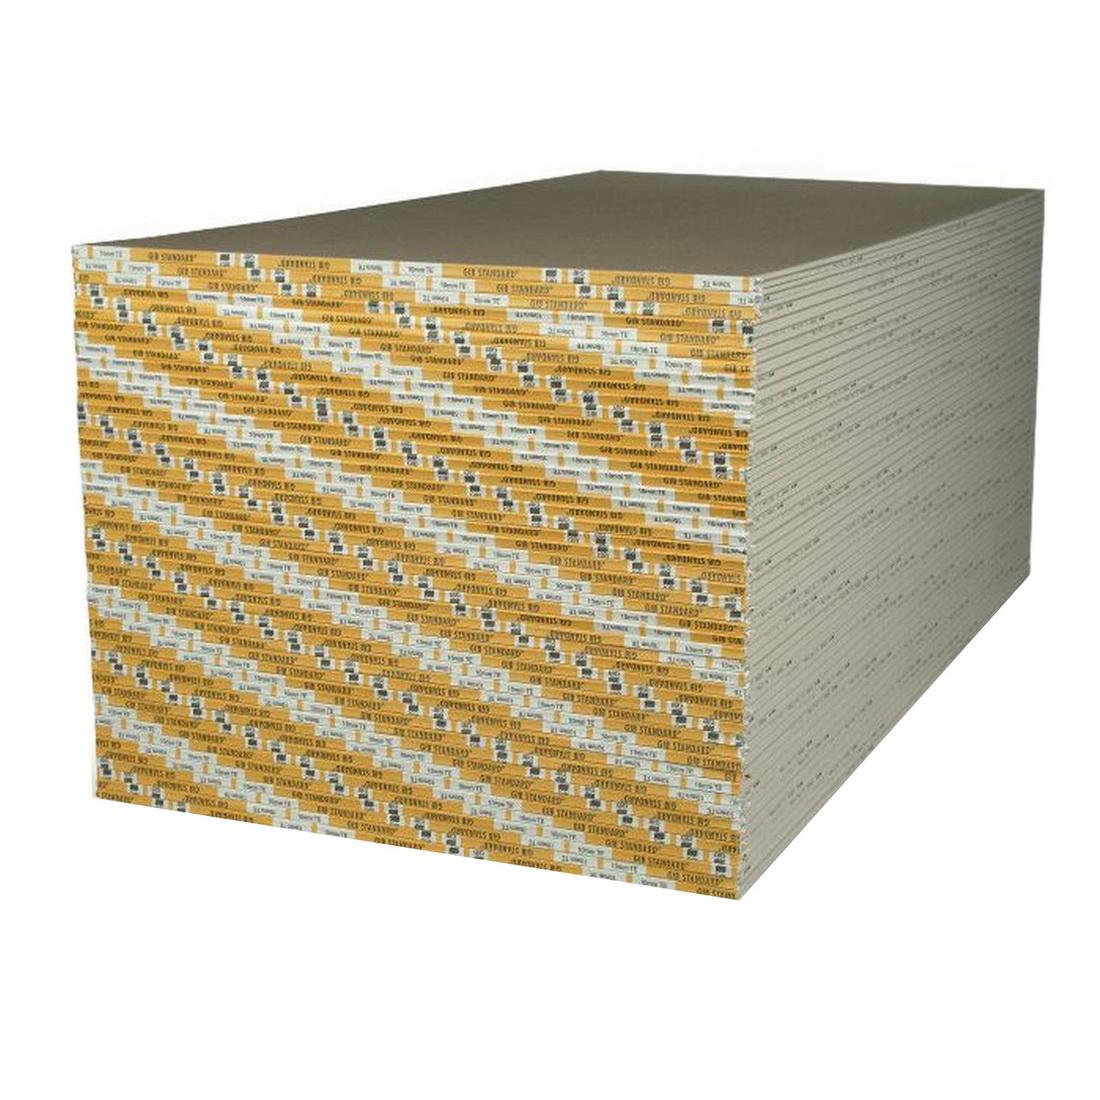 Standard Wallboard 3000 x 1200 x 10mm Taper Edge/Square Edge